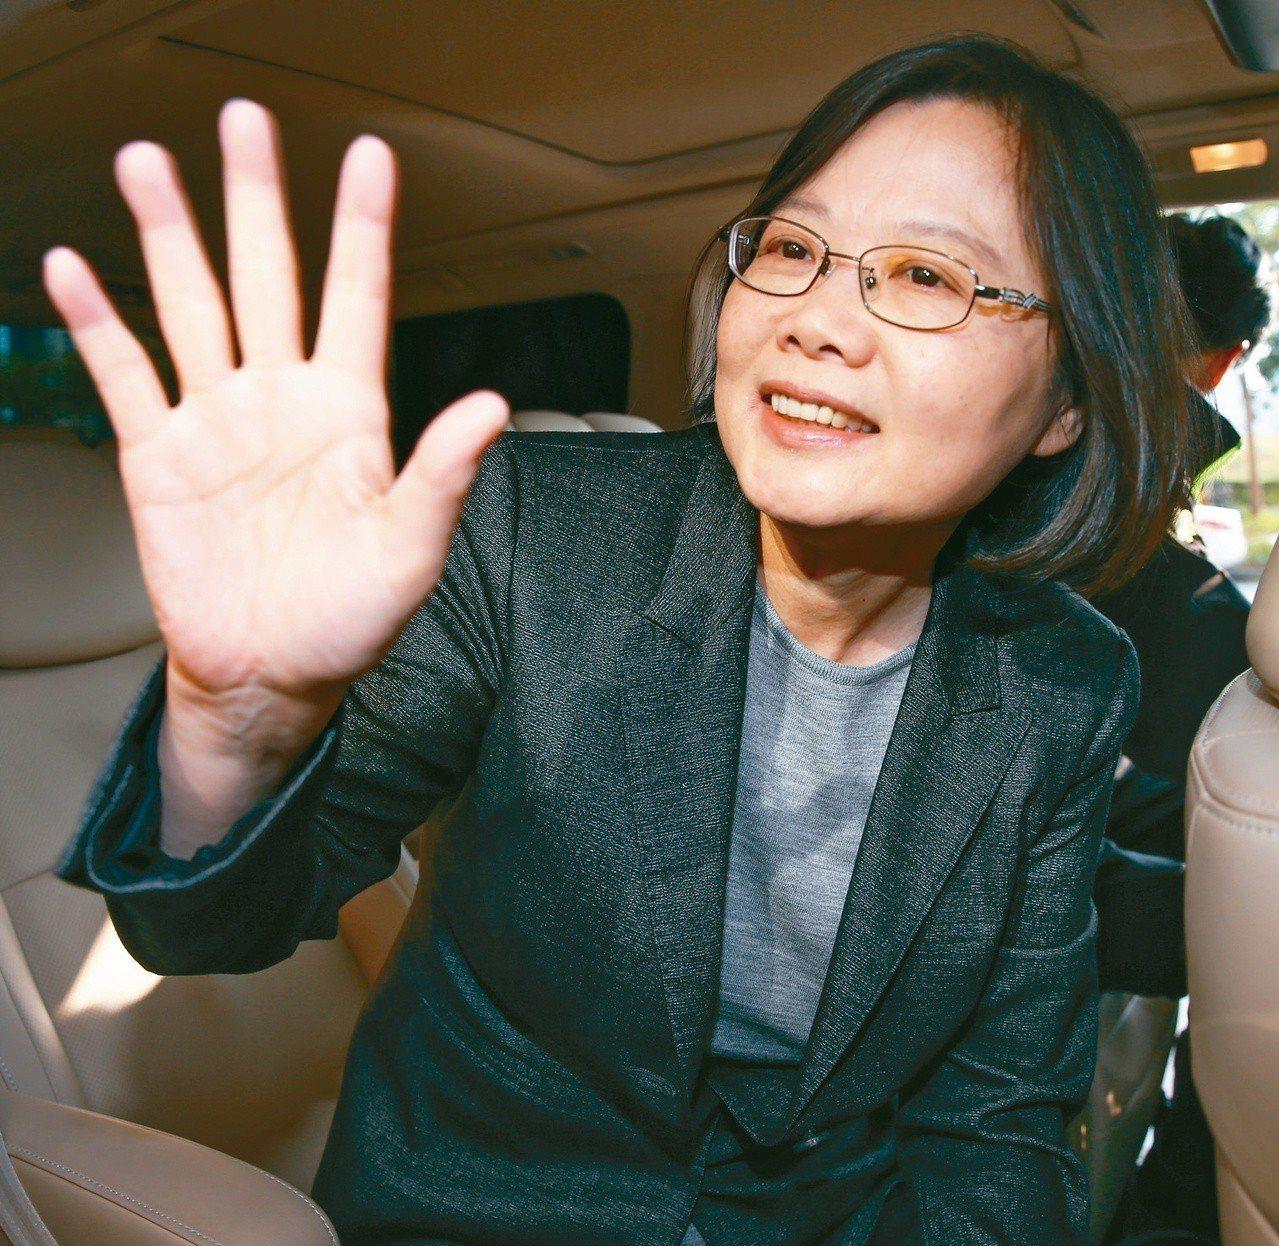 民進黨台北市議員王世堅說,蔡英文總統要放在心裡。本報資料照片